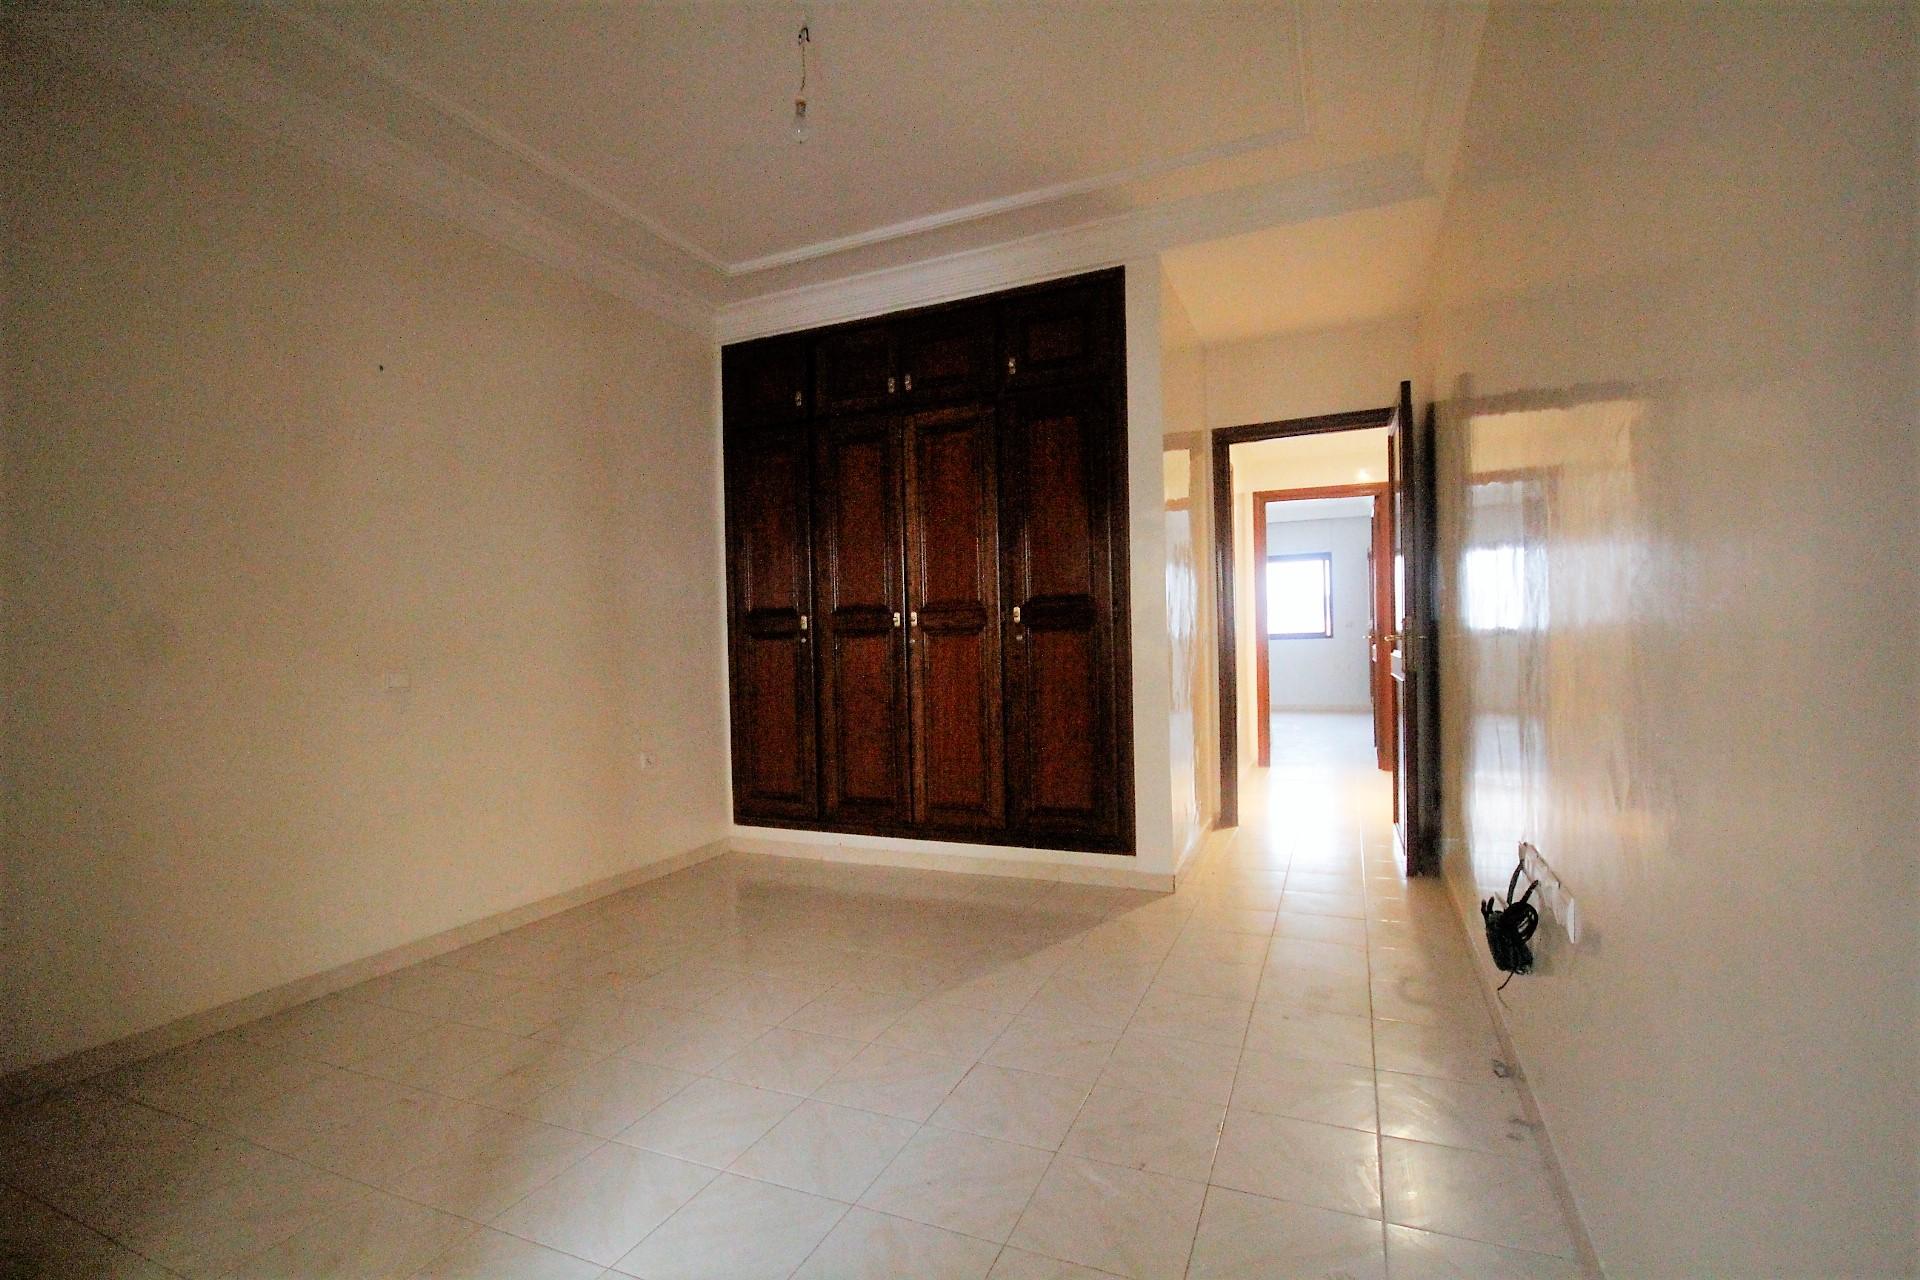 Maroc, Casablanca, Bld Anfa à acheter vaste appartement de 4 chambres dans résidence agréable